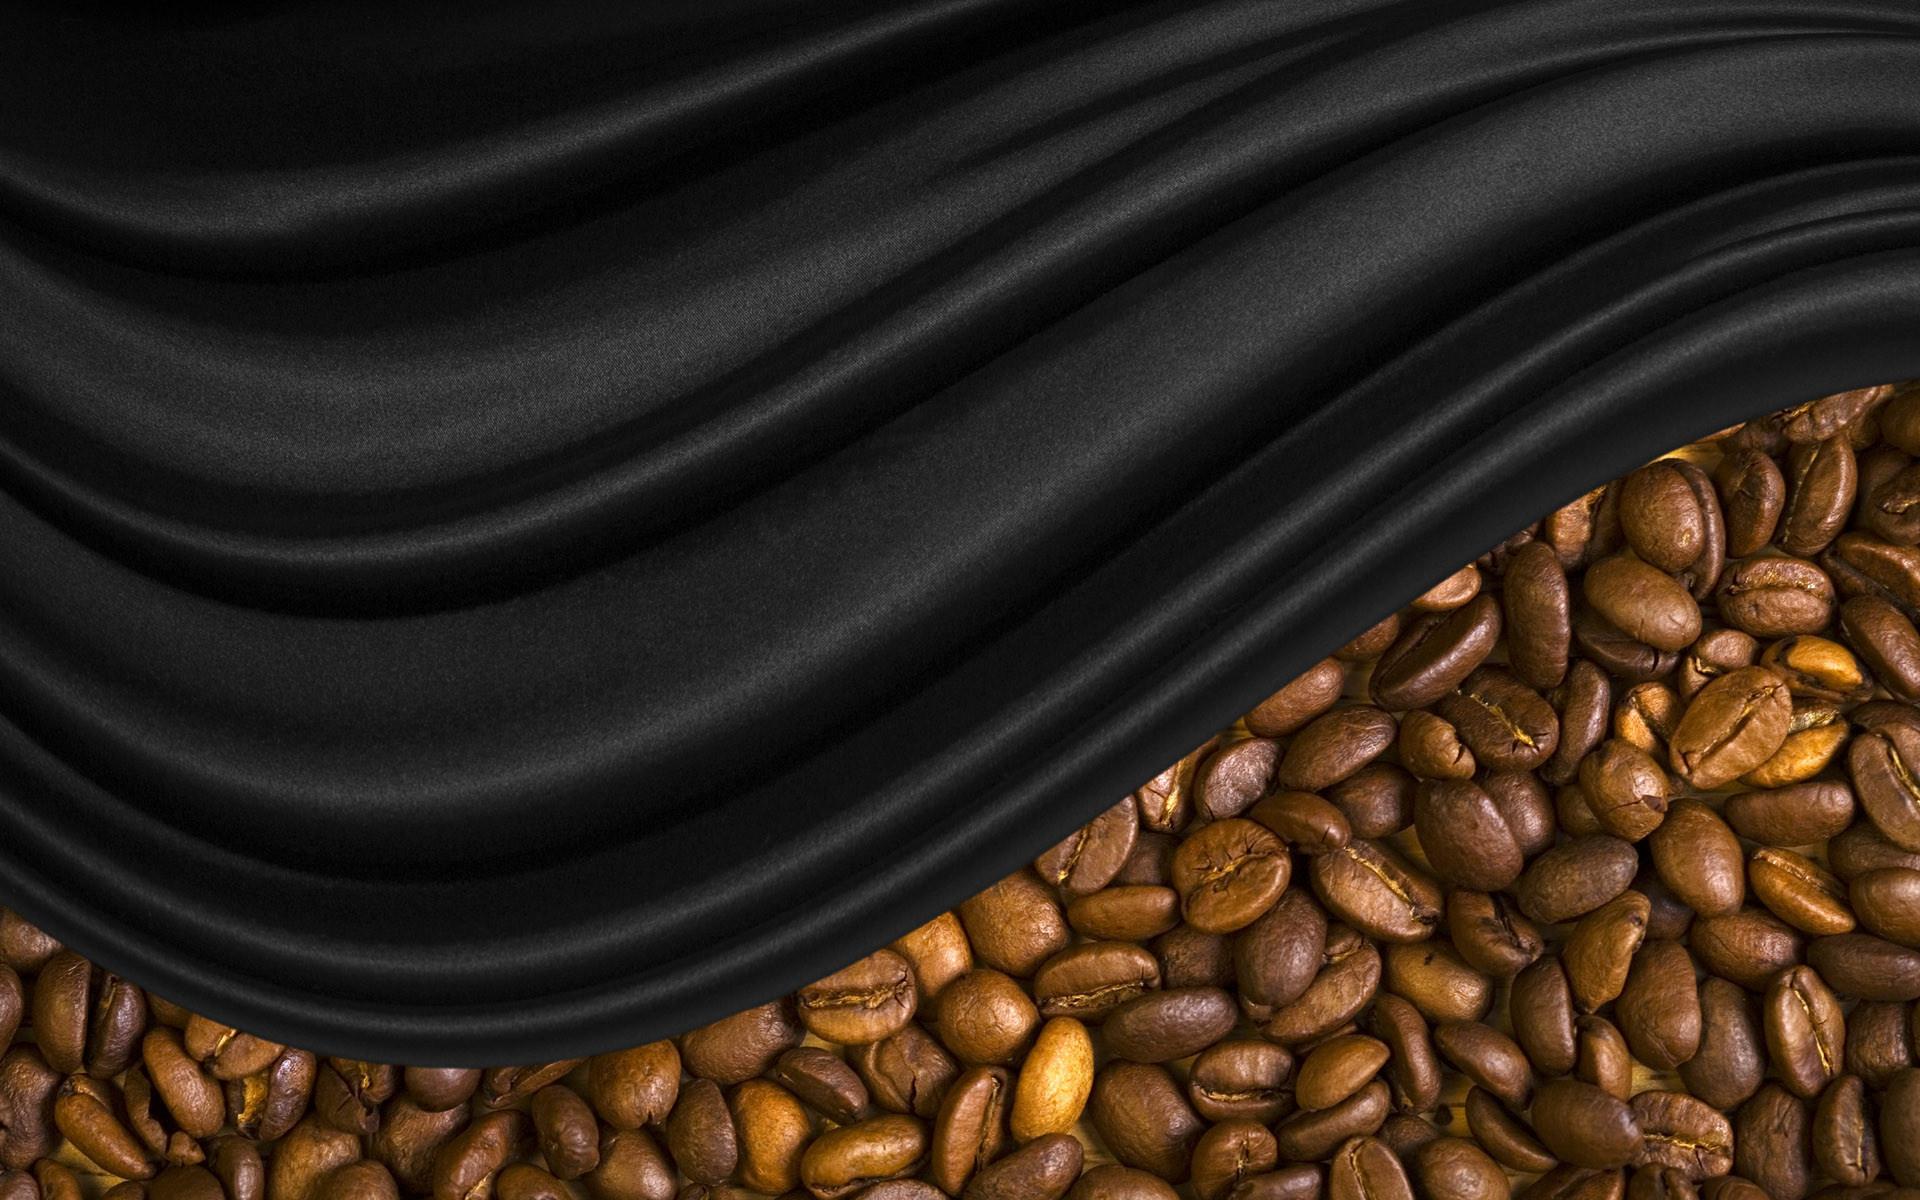 кофейные зерна мешковина ткань  № 3696125 загрузить